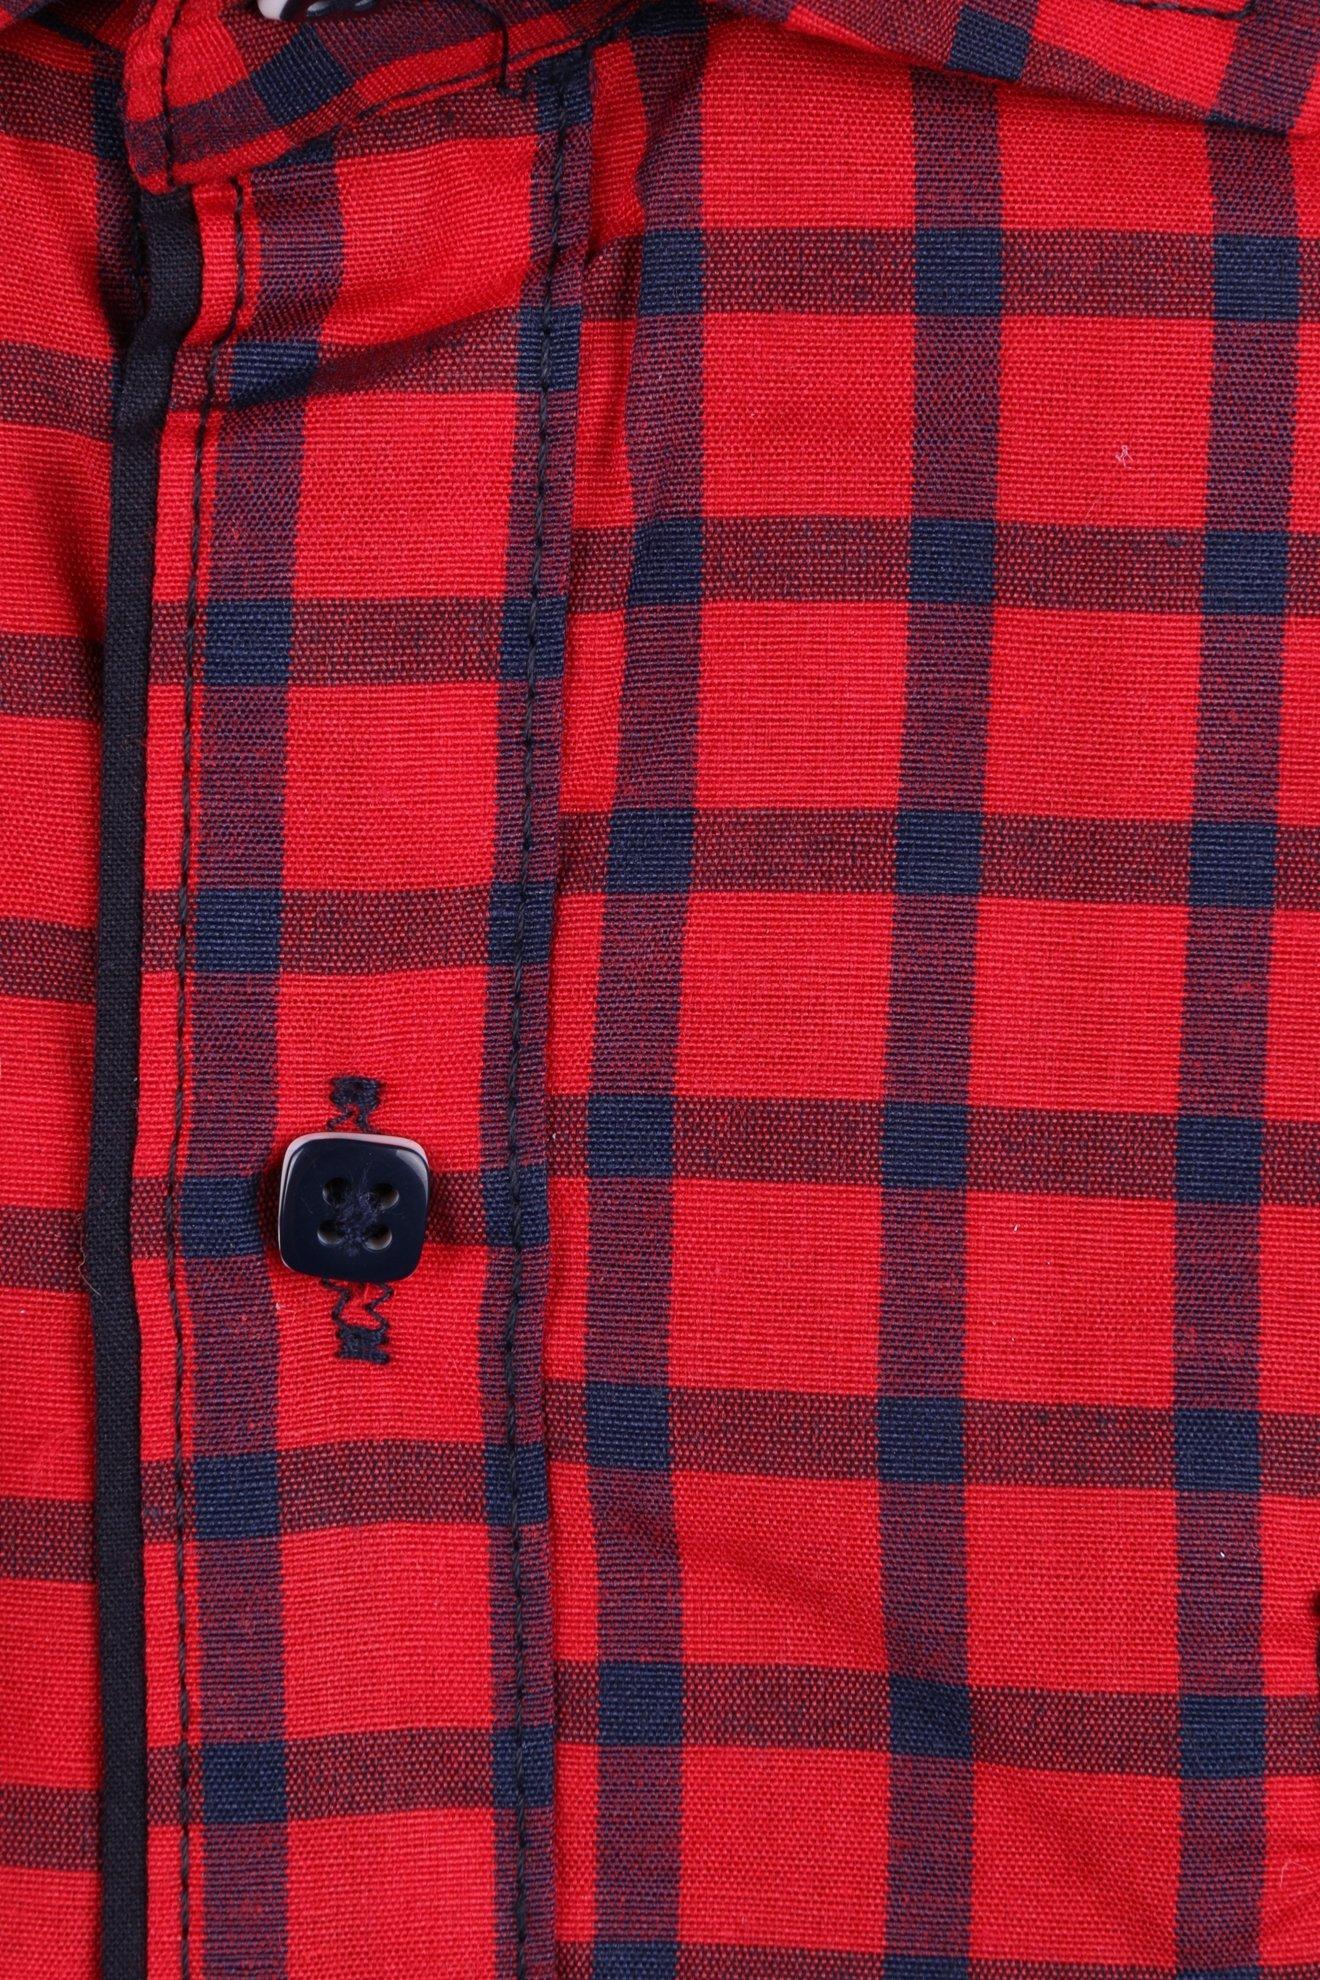 Комбинированная красная детская рубашка в клетку, длинный рукав (Арт. TB 2619)